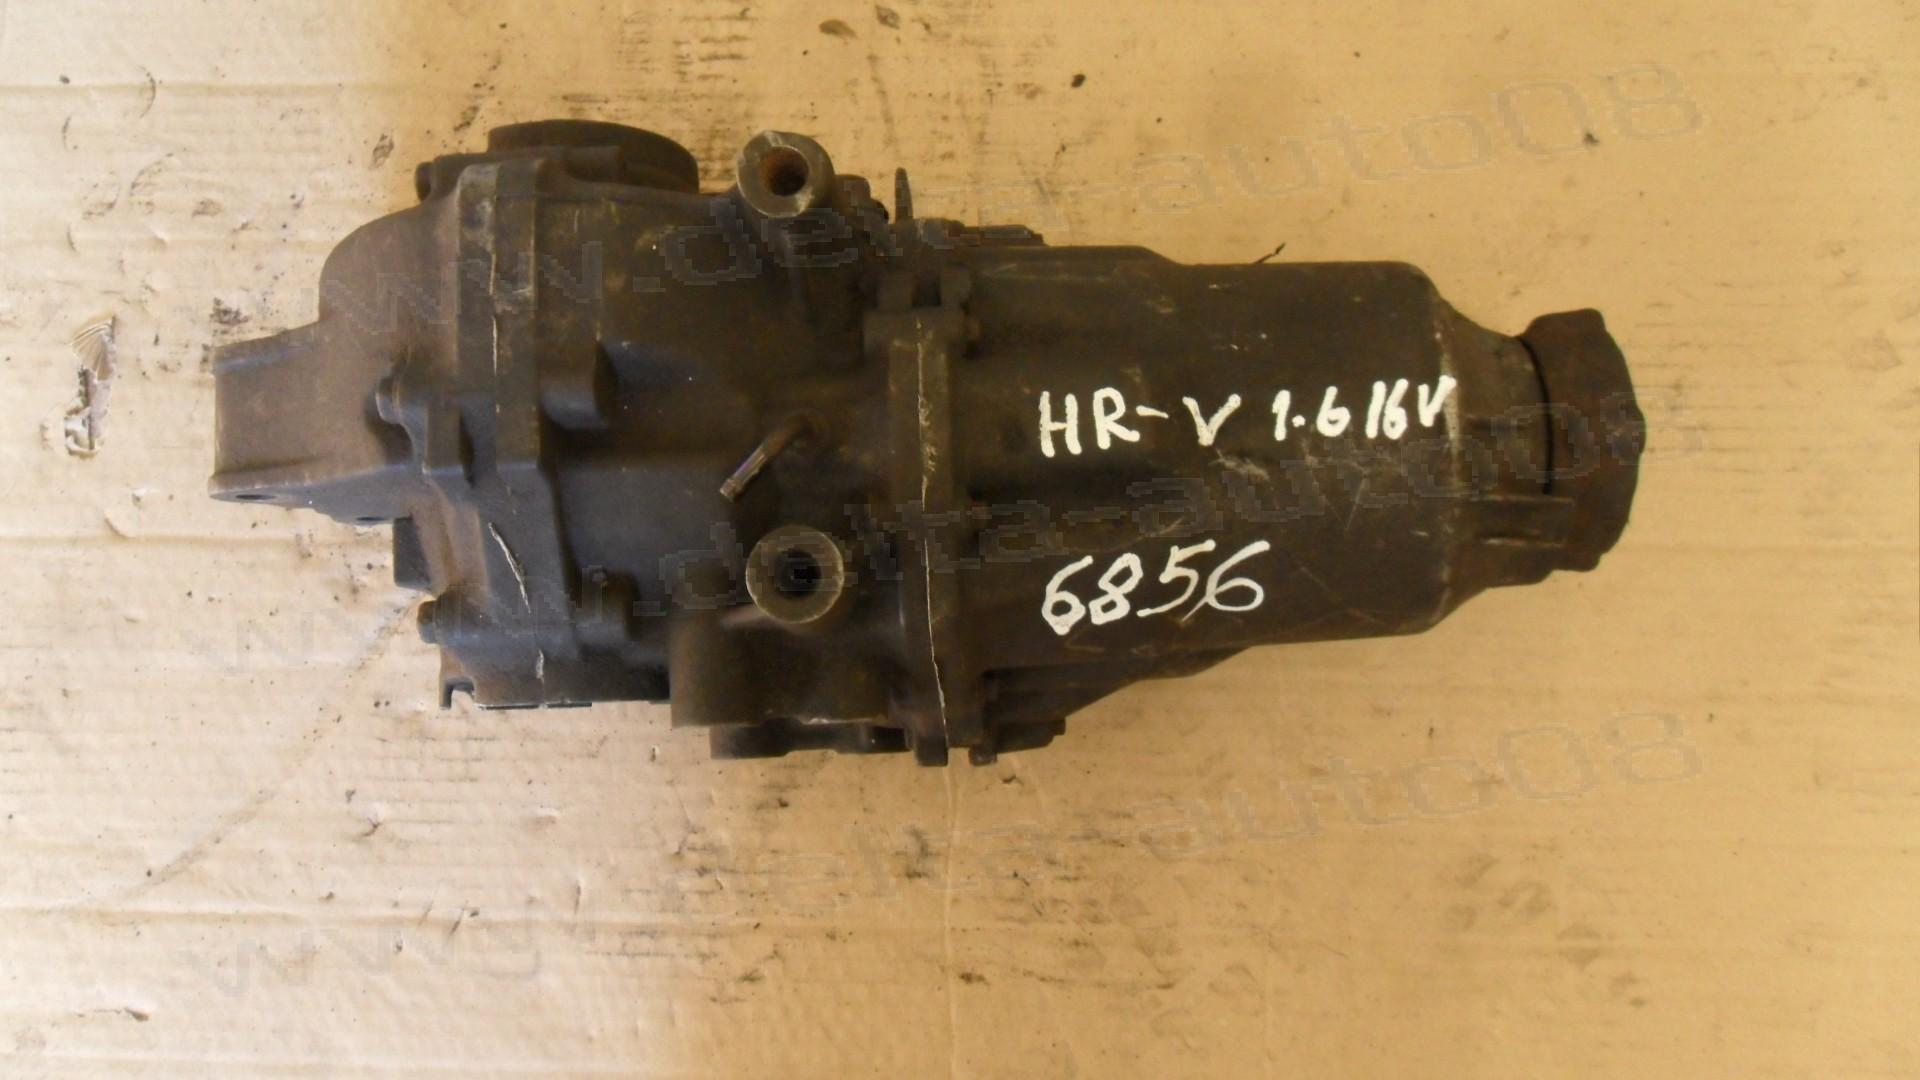 Диференциал, заден, Honda HR-V, 1.6I, 105к.с., 1999г. -